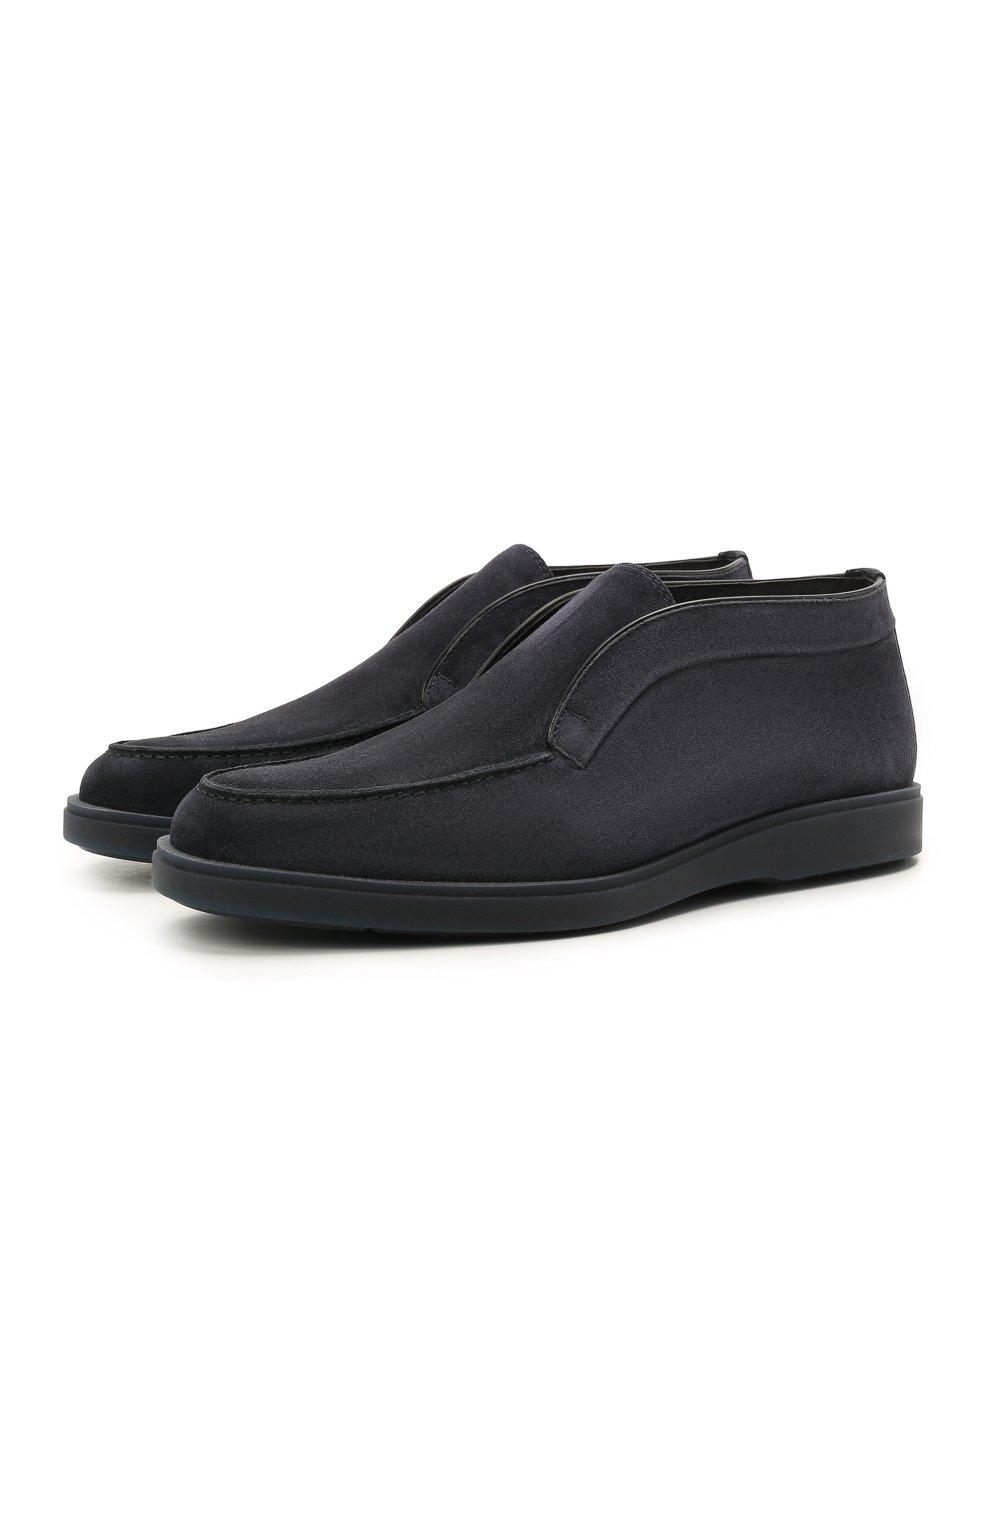 Мужские замшевые ботинки SANTONI темно-синего цвета, арт. MGDG1782300TASVUU60 | Фото 1 (Материал утеплителя: Натуральный мех; Мужское Кросс-КТ: Ботинки-обувь; Подошва: Плоская; Материал внешний: Замша)